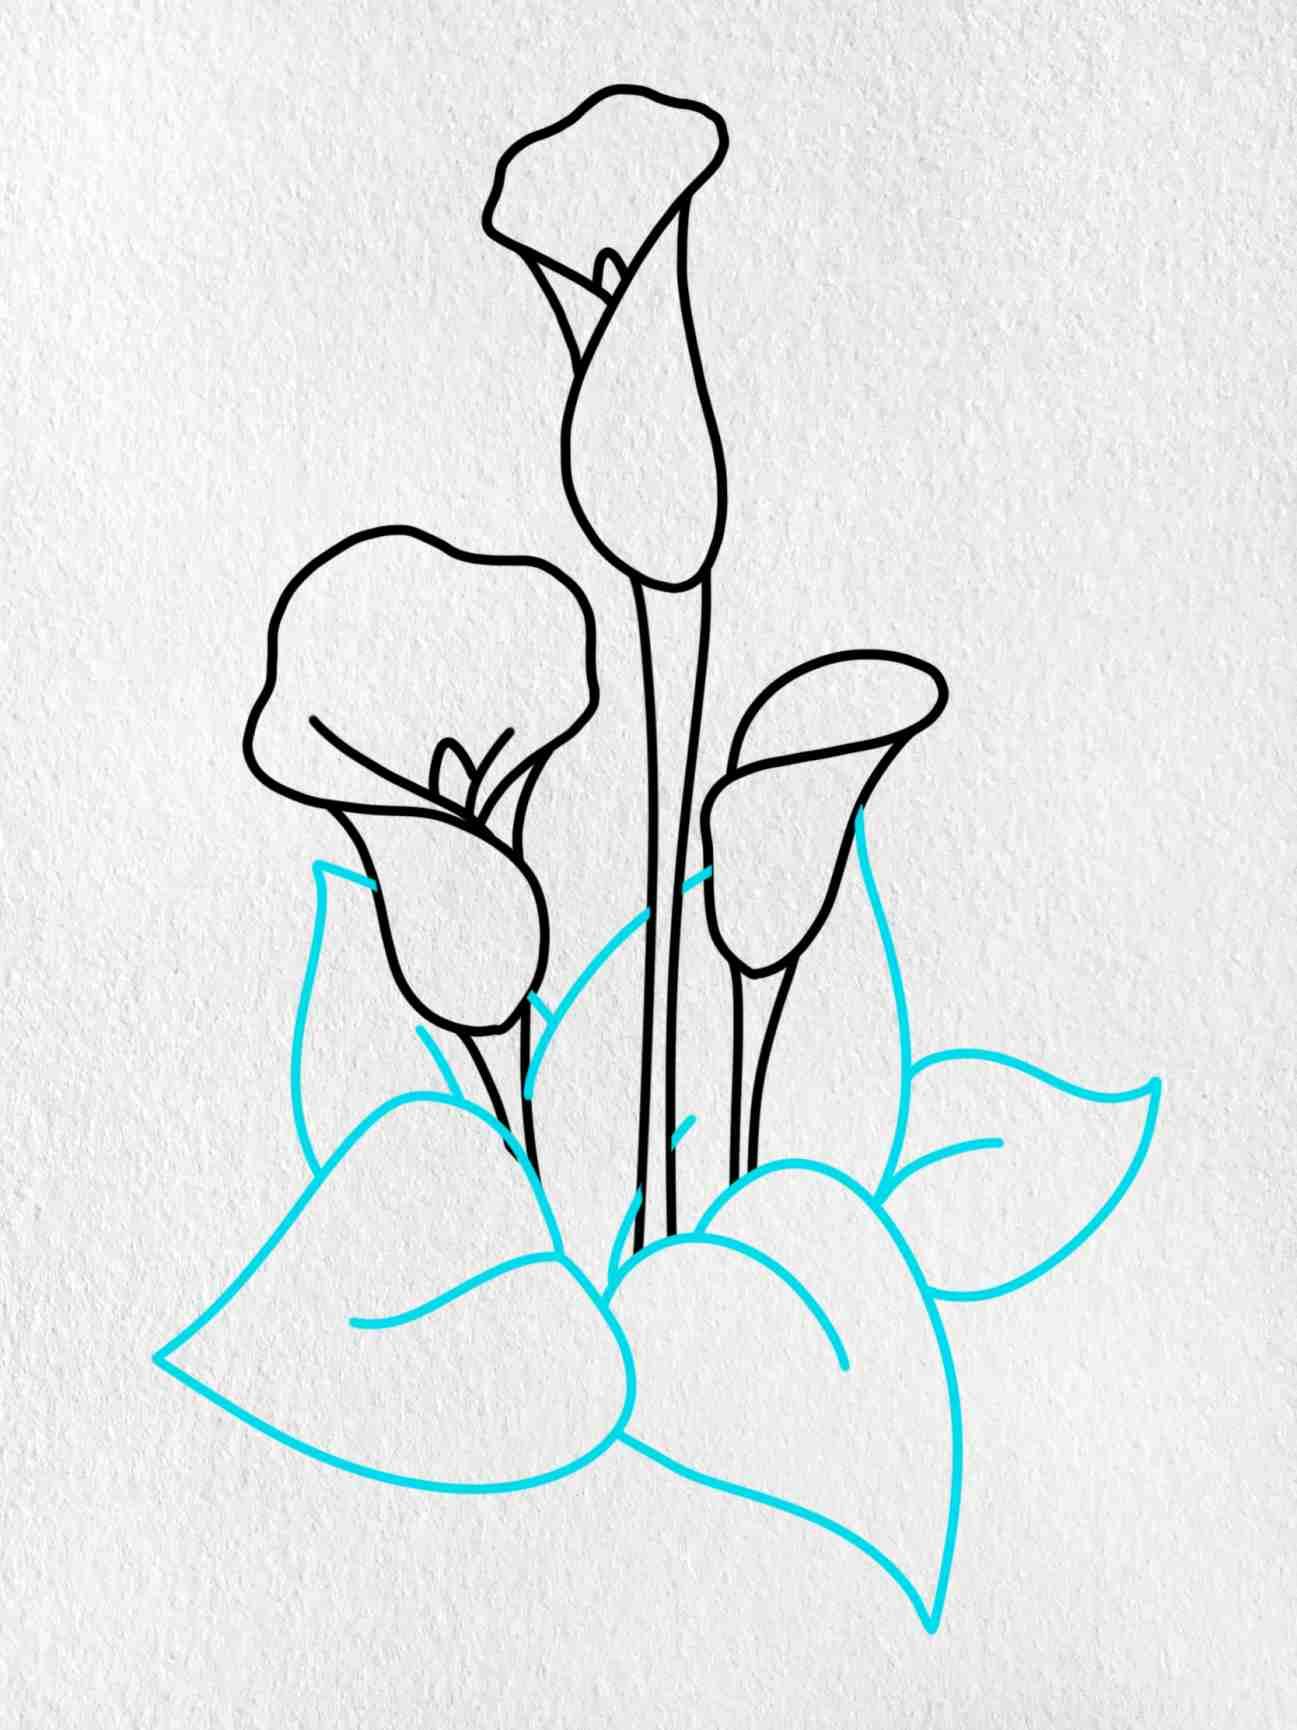 Calla Lily Drawing: Step 8